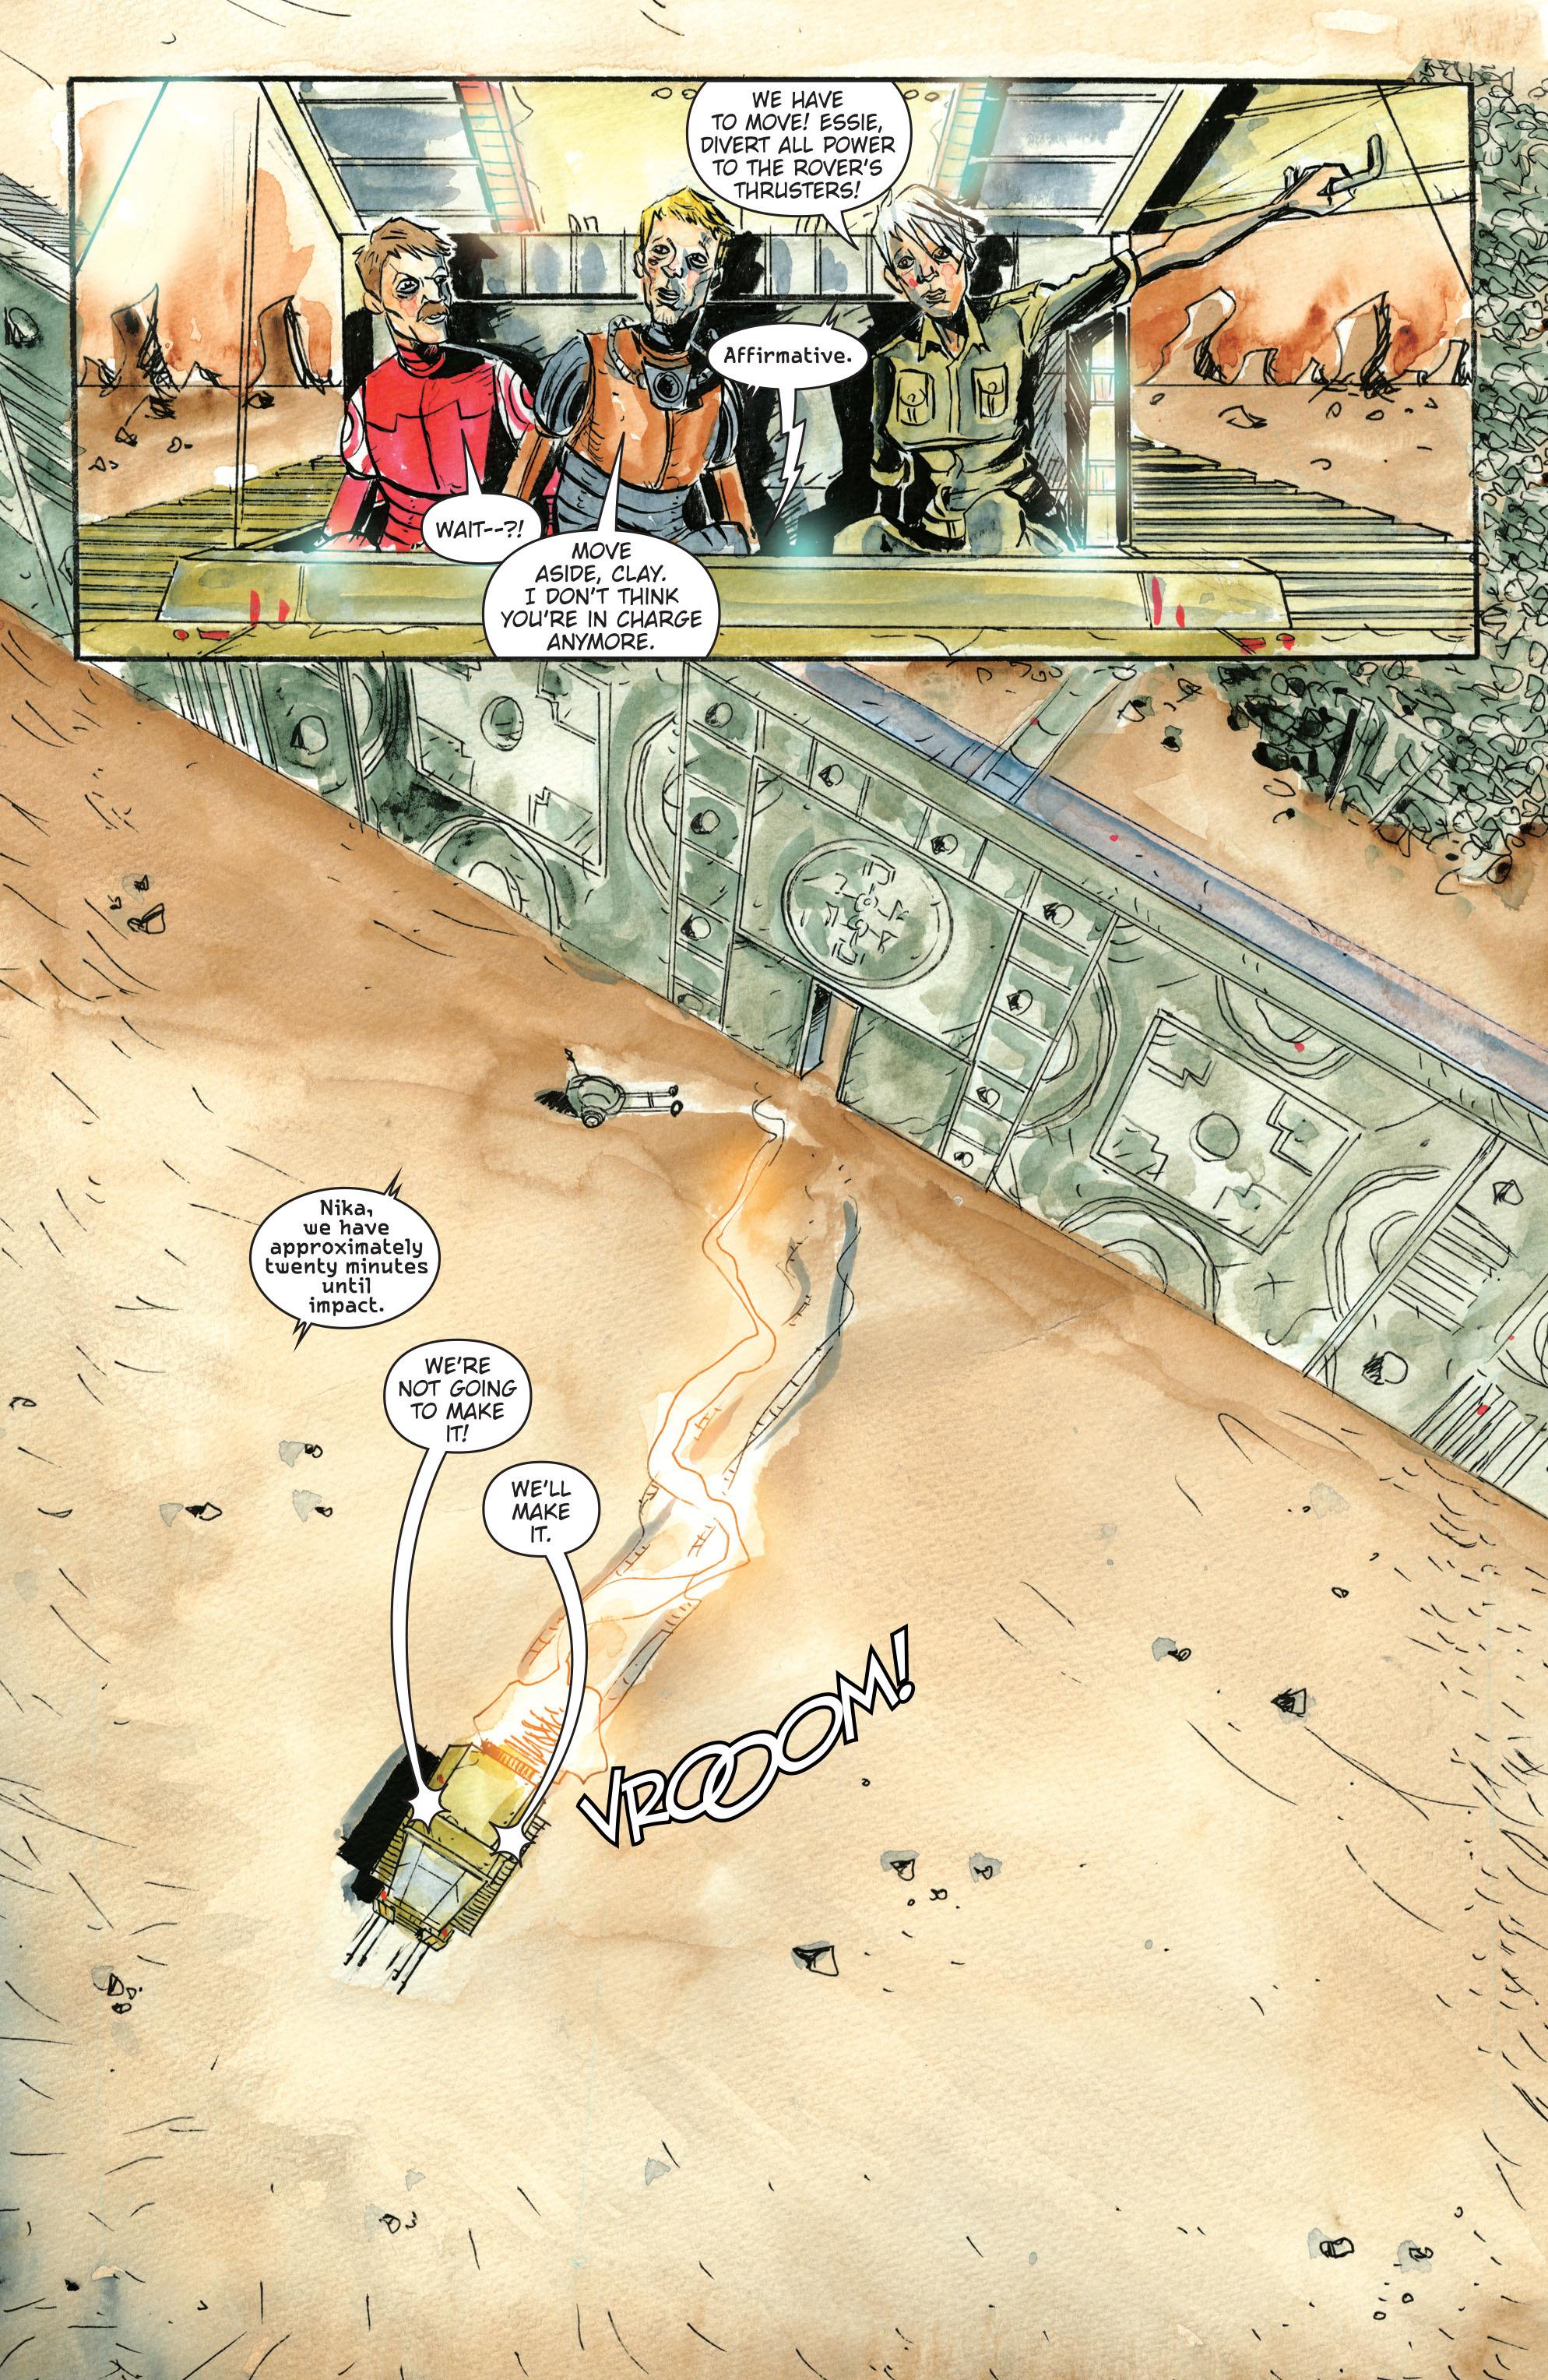 Read online Trillium comic -  Issue # TPB - 184